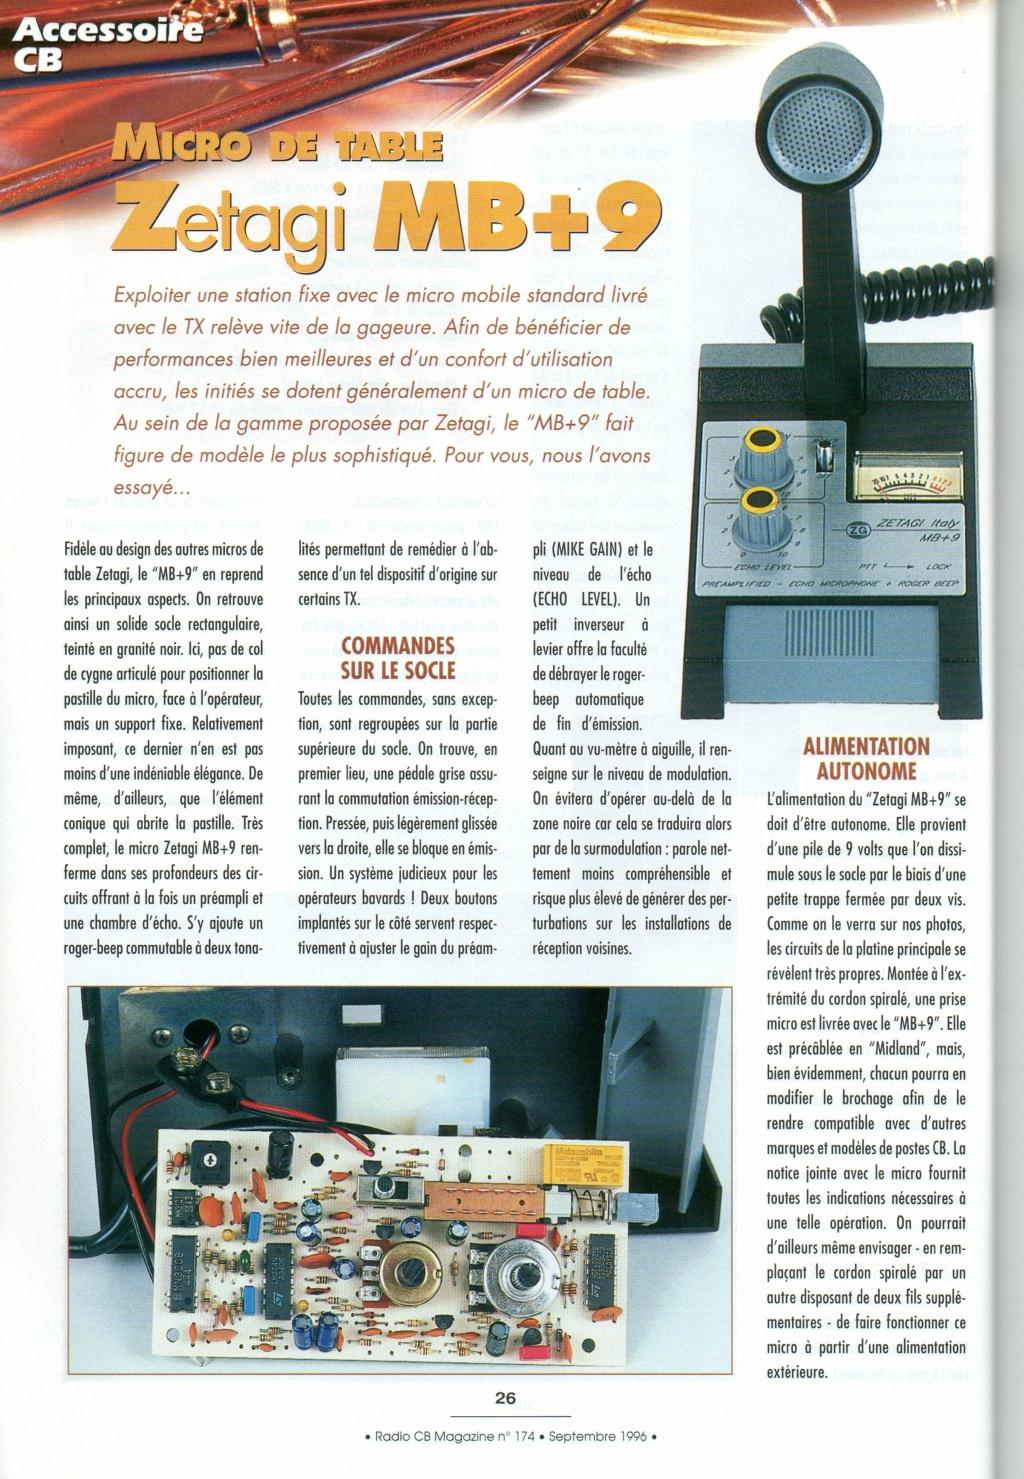 Zetagi MB+9 (Micro de table) Chora583